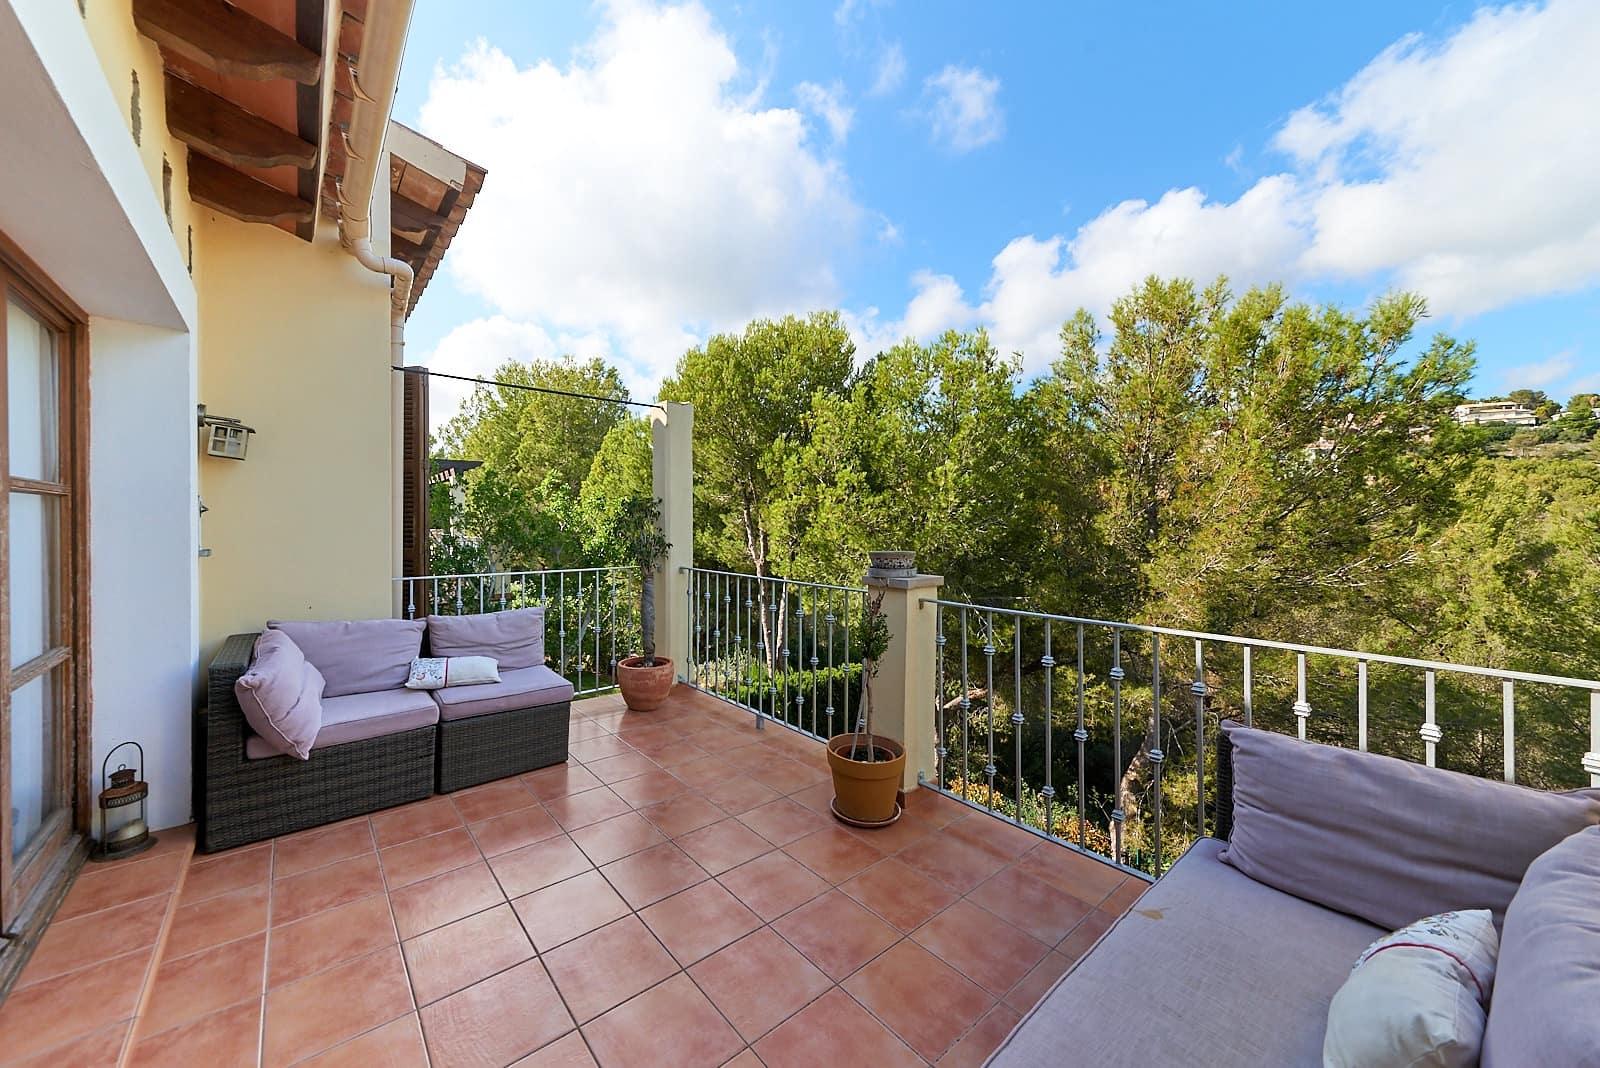 Adosado de 3 habitaciones en Bendinat en venta - 735.000 € (Ref: 4803235)